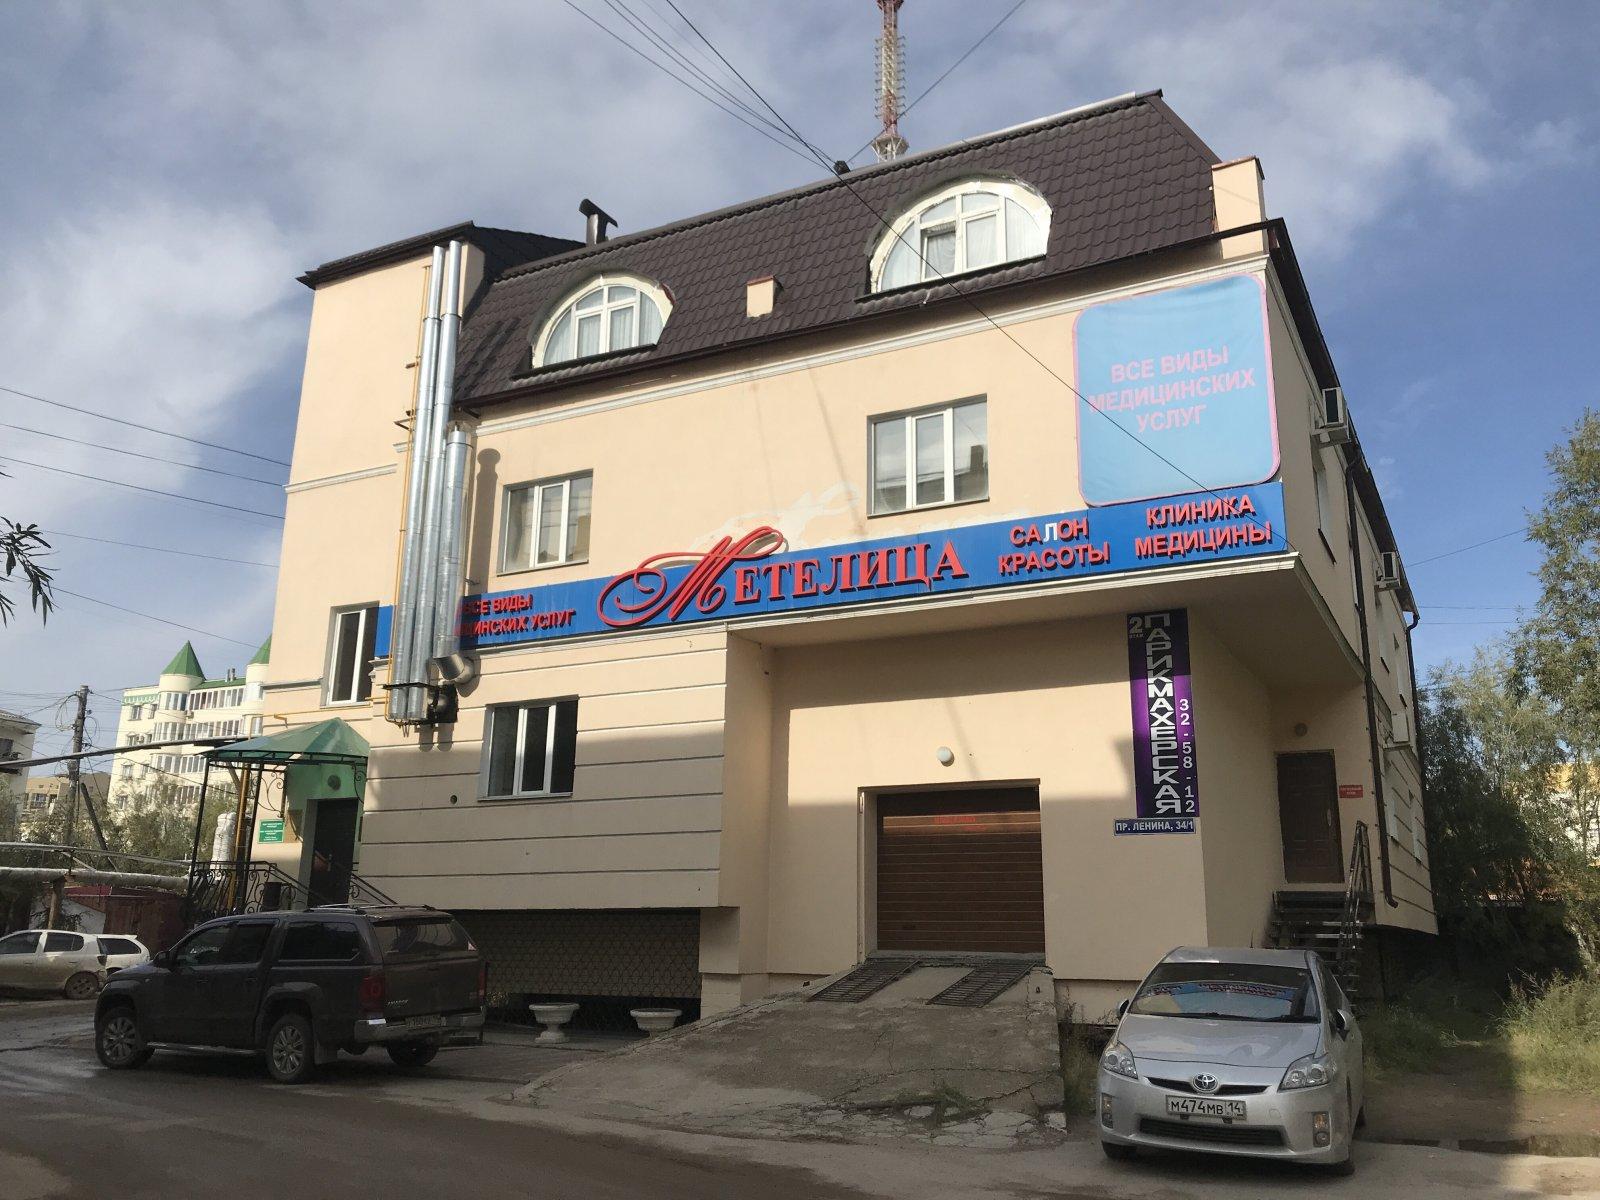 Власти Якутска рассматривают вариант выкупа здании клиники «Метелица» для СОШ №1